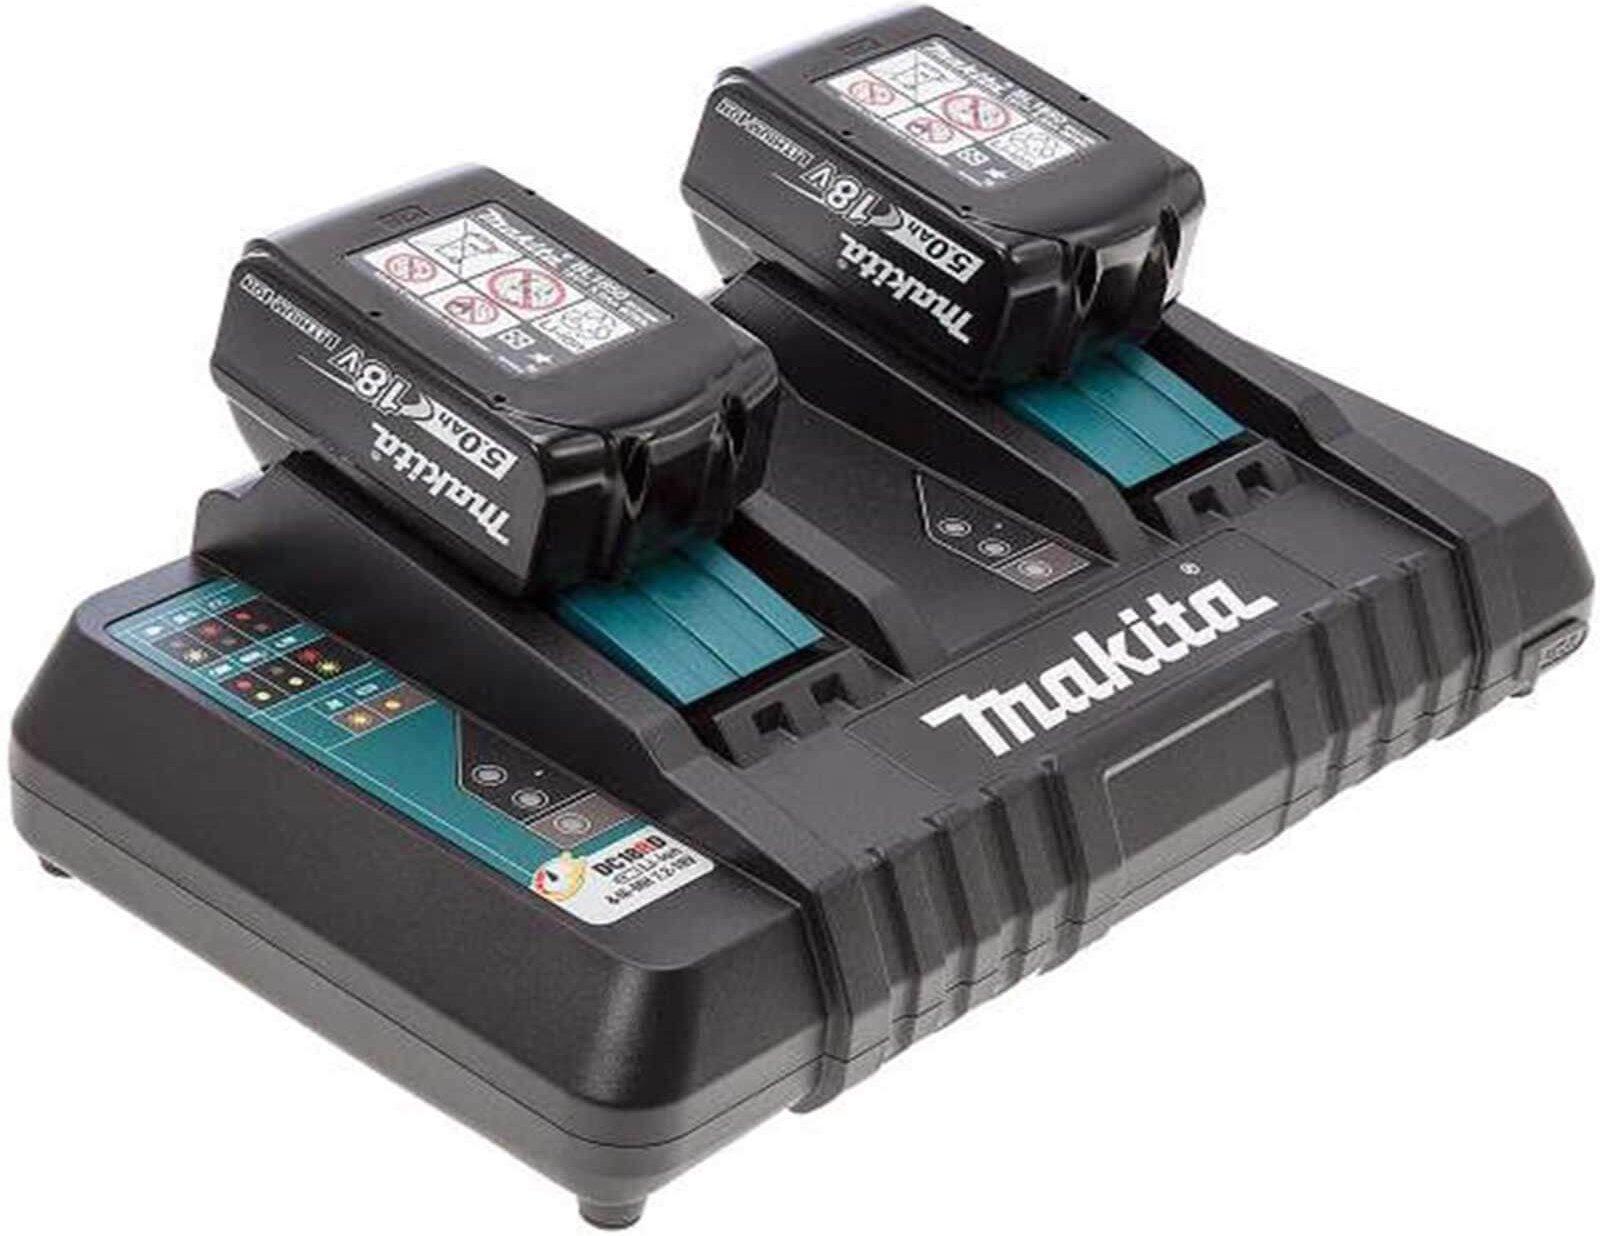 Makita DC18RD 18v Twin Charger and 2 Li ion Batteries 5ah